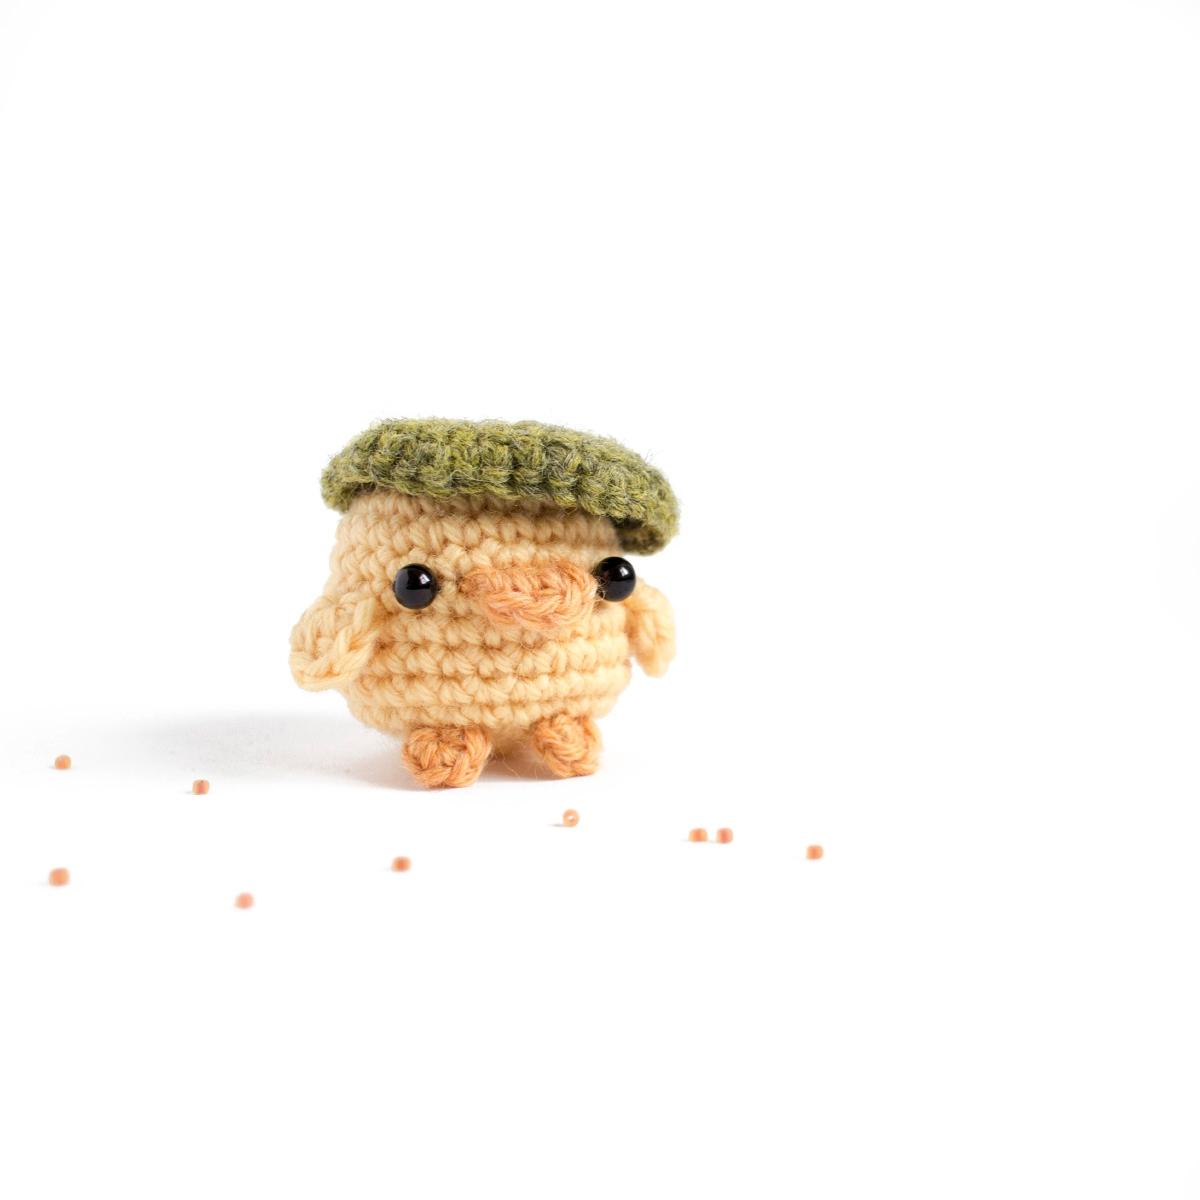 Daily amigurumi 8. small duckli - mohu   ello